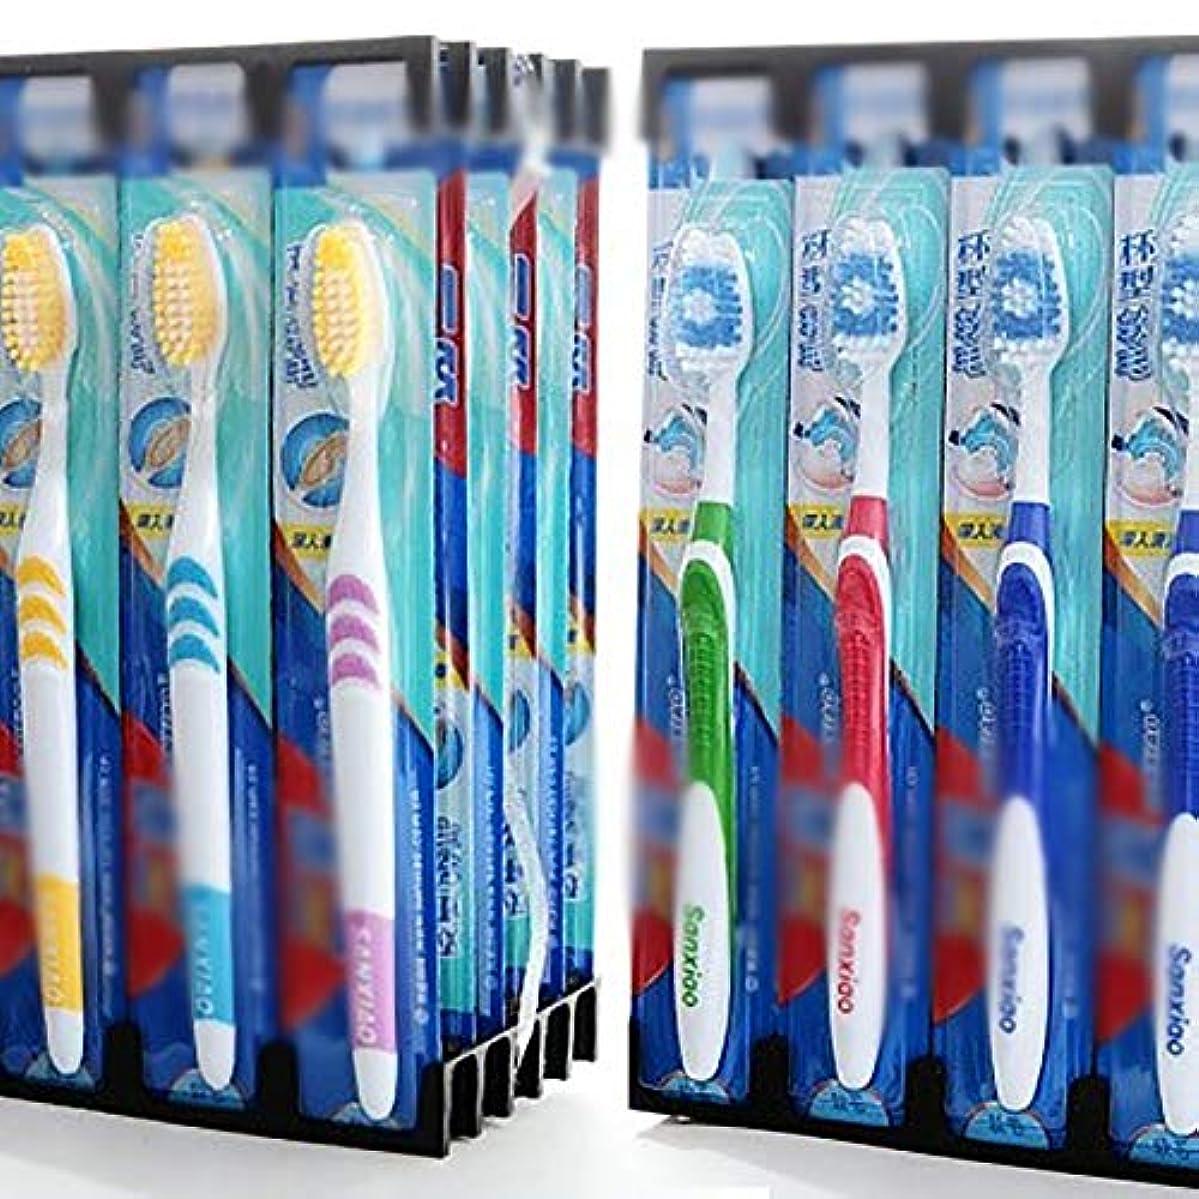 温度計動的購入歯ブラシ 30ミックス歯ブラシ、個々の歯ブラシ包まれた、ウルトラソフト歯ブラシ - 使用可能なスタイルの3種類 KHL (色 : C, サイズ : 30 packs)